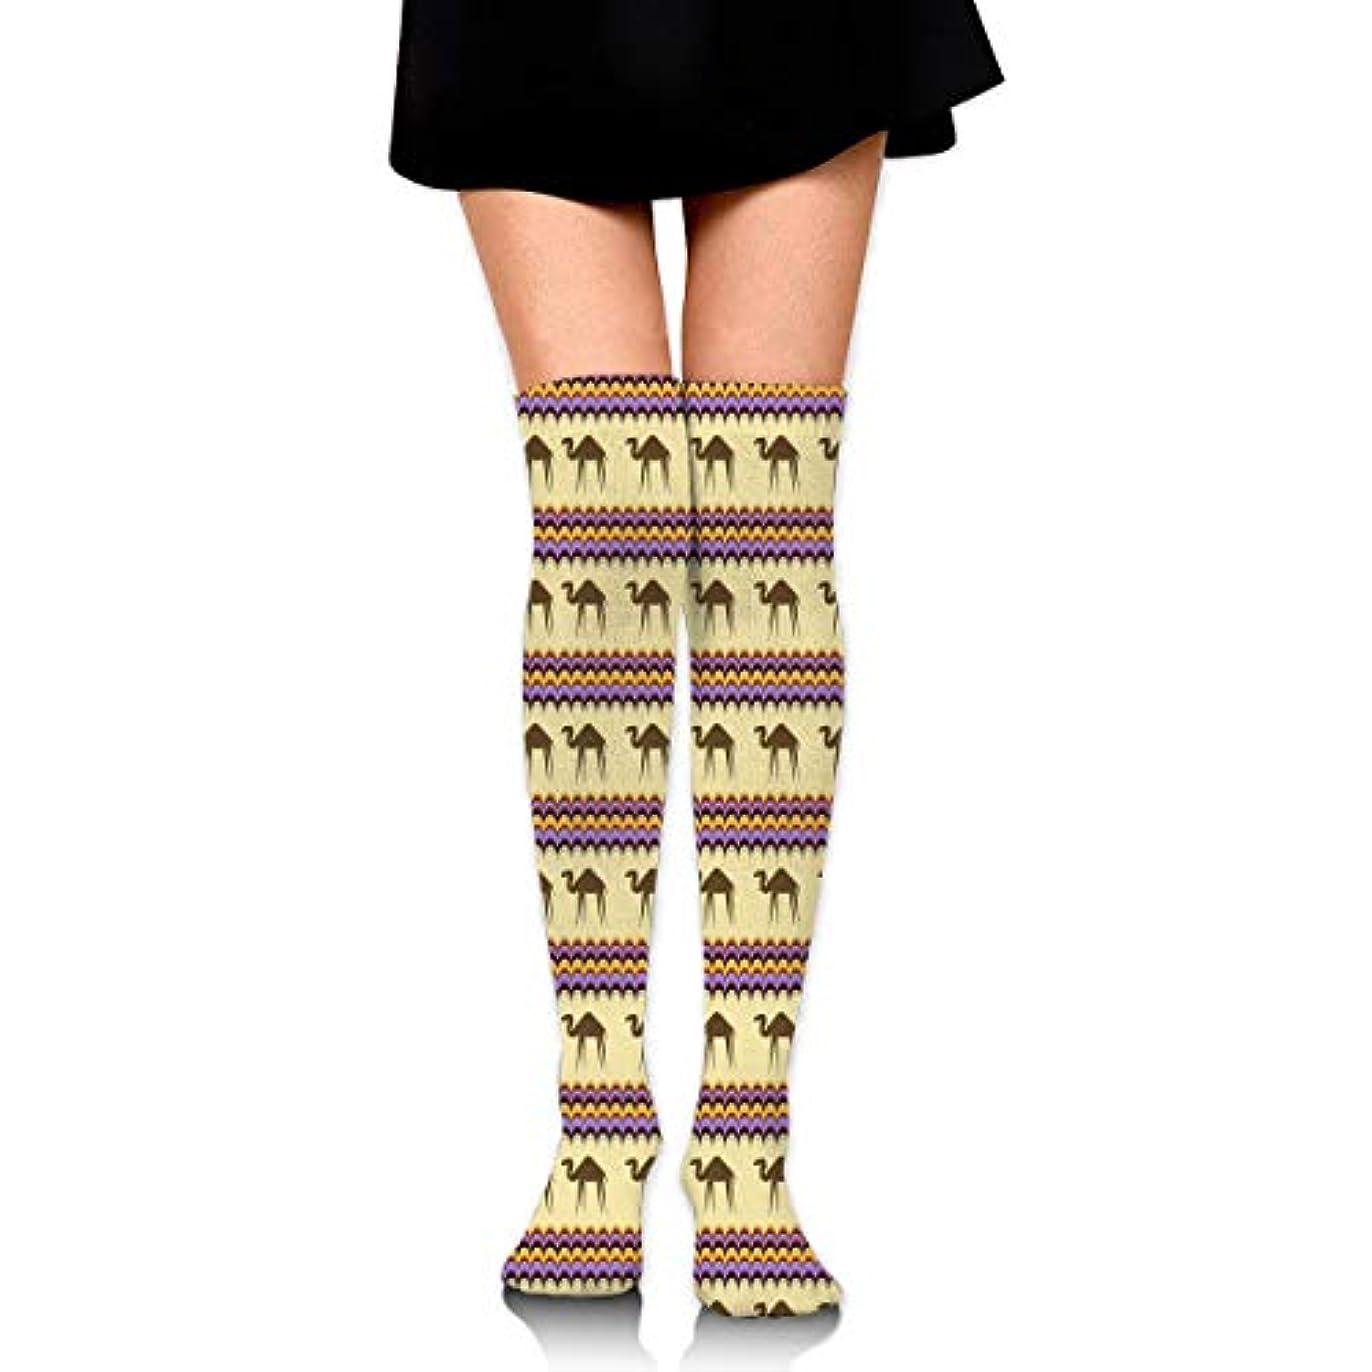 組み合わせボトルネック退屈MKLOS 通気性 圧縮ソックス Breathable Thigh High Socks Over Exotic Psychedelic Print Compression High Tube Thigh Boot Stockings...